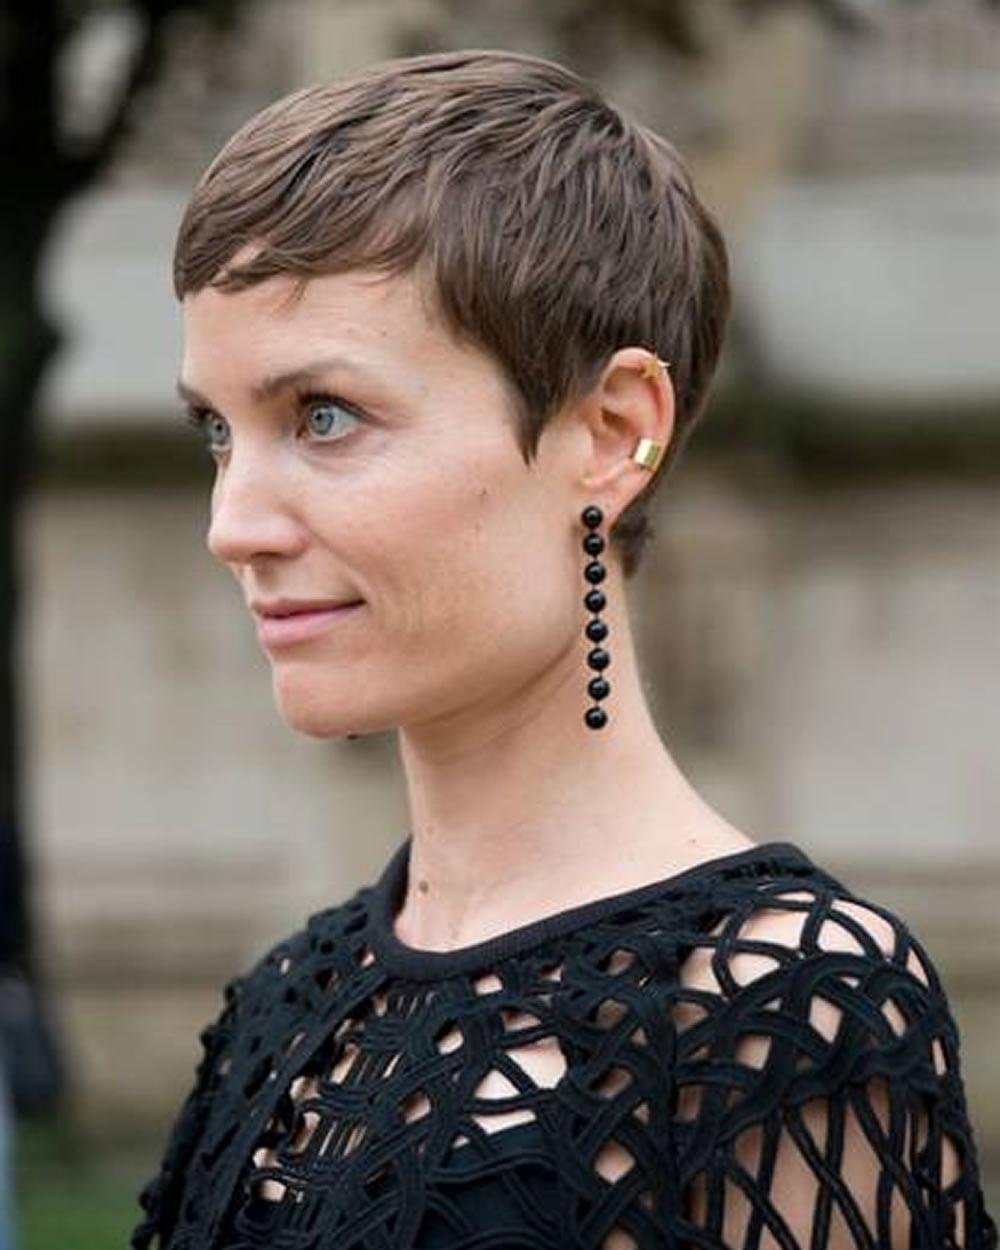 Feminine very short hairstyle